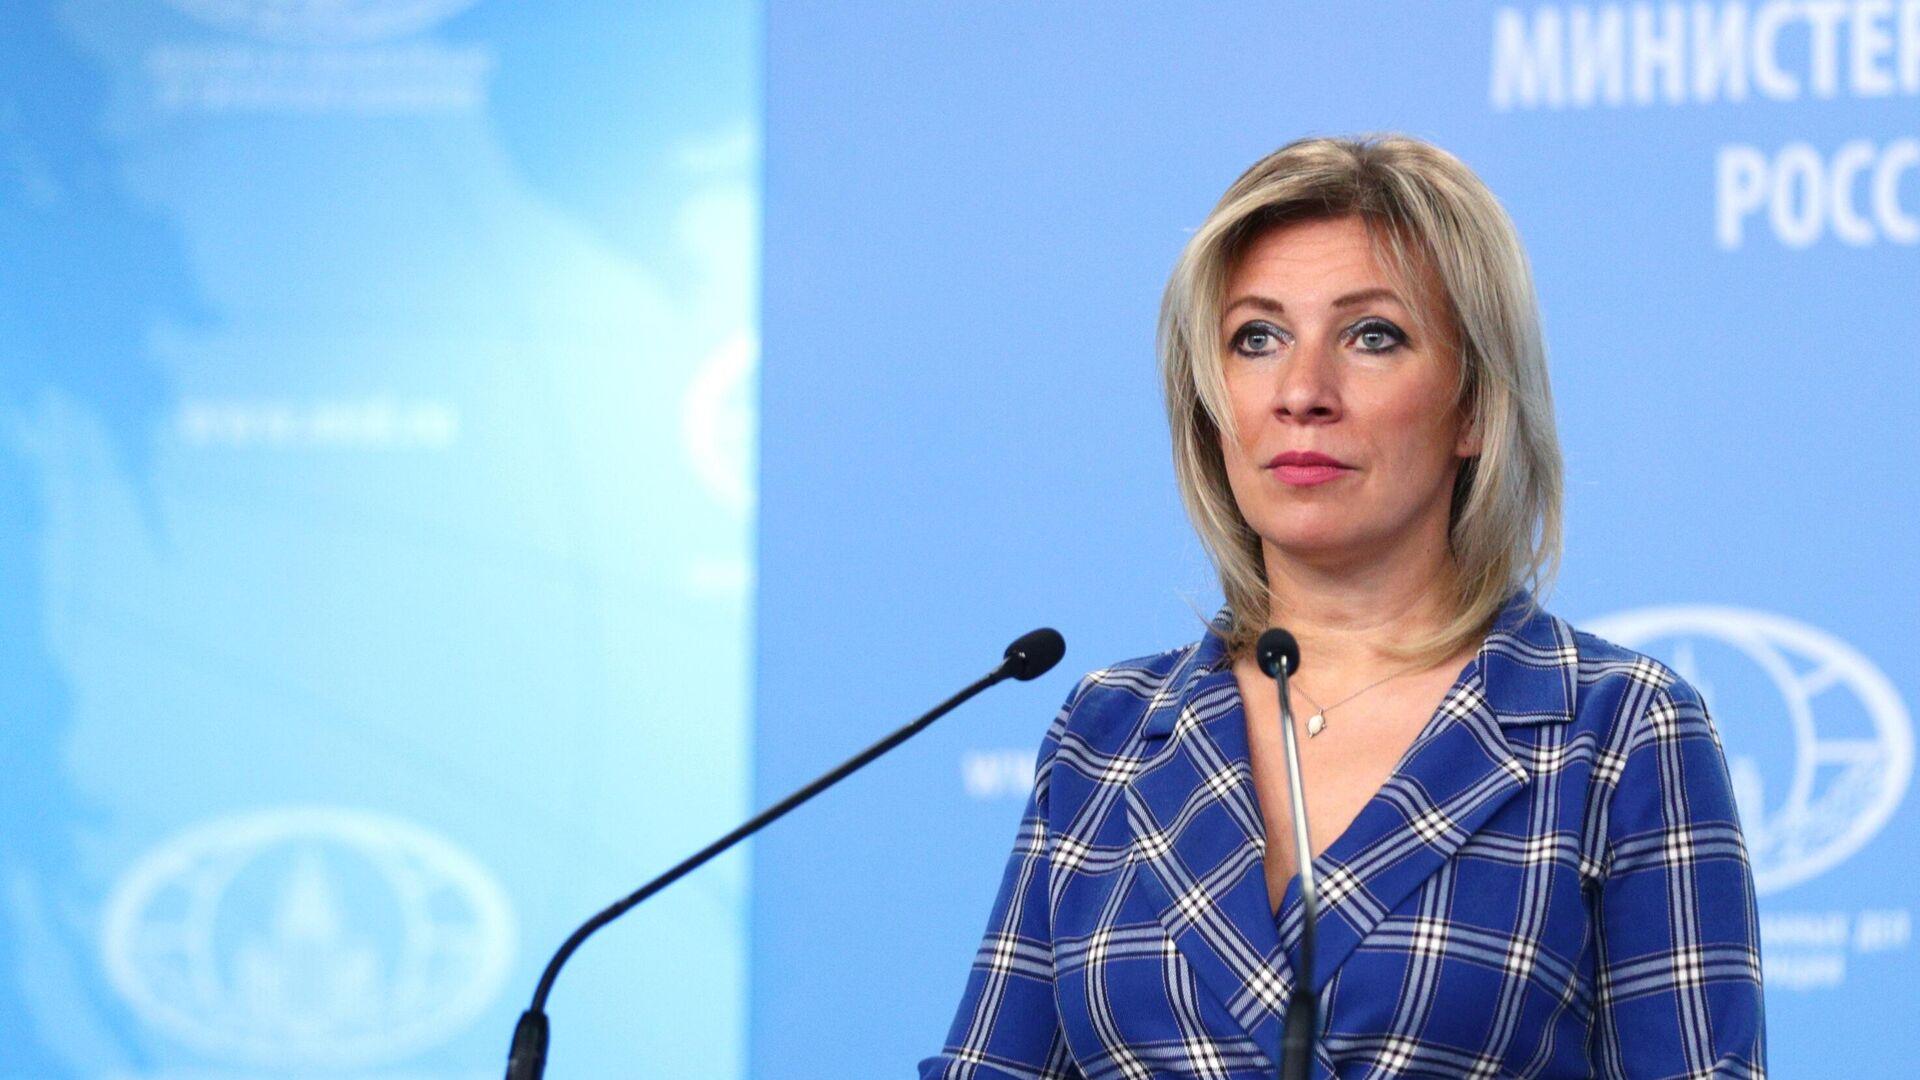 Официальный представитель Министерства иностранных дел России Мария Захарова во время брифинга в Москве - РИА Новости, 1920, 21.05.2021